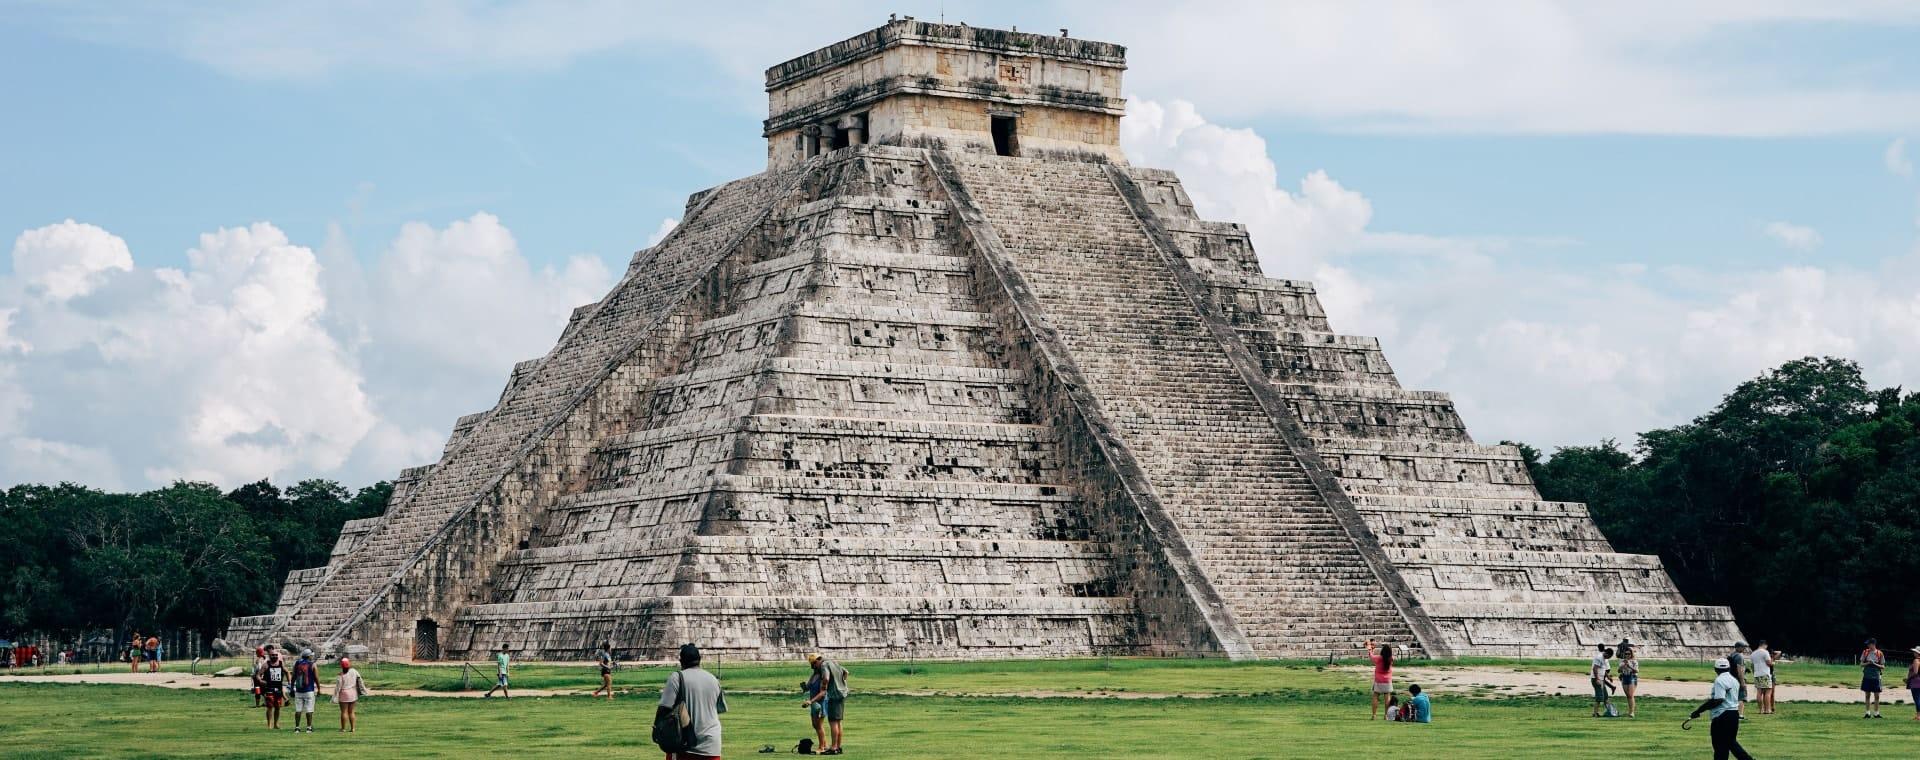 Mexico risks illustration